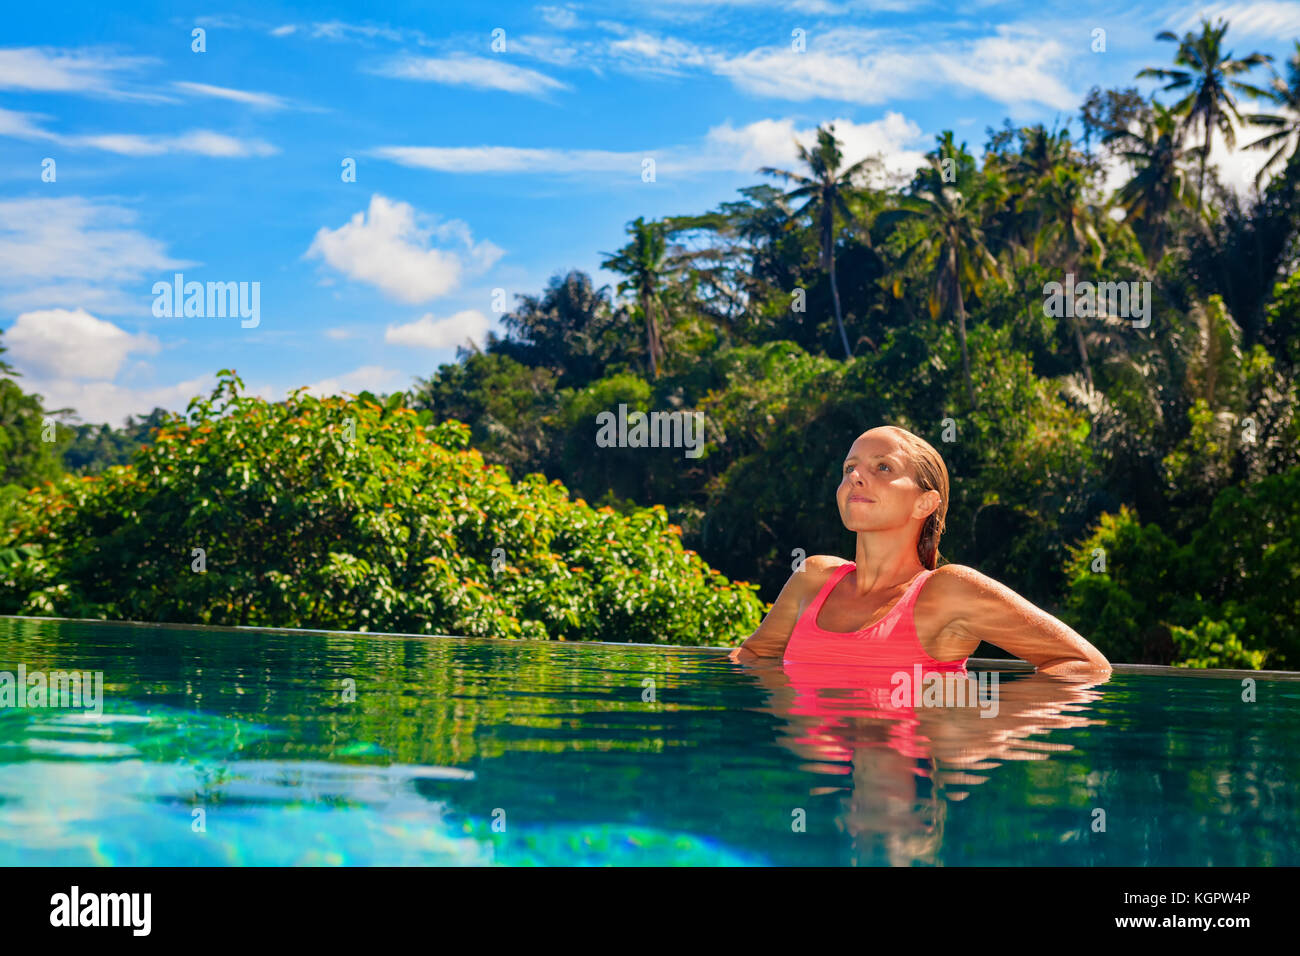 Donna Summer Beach vacanza rilassante in un lussuoso hotel con centro termale in piscina infinity con una giungla Immagini Stock